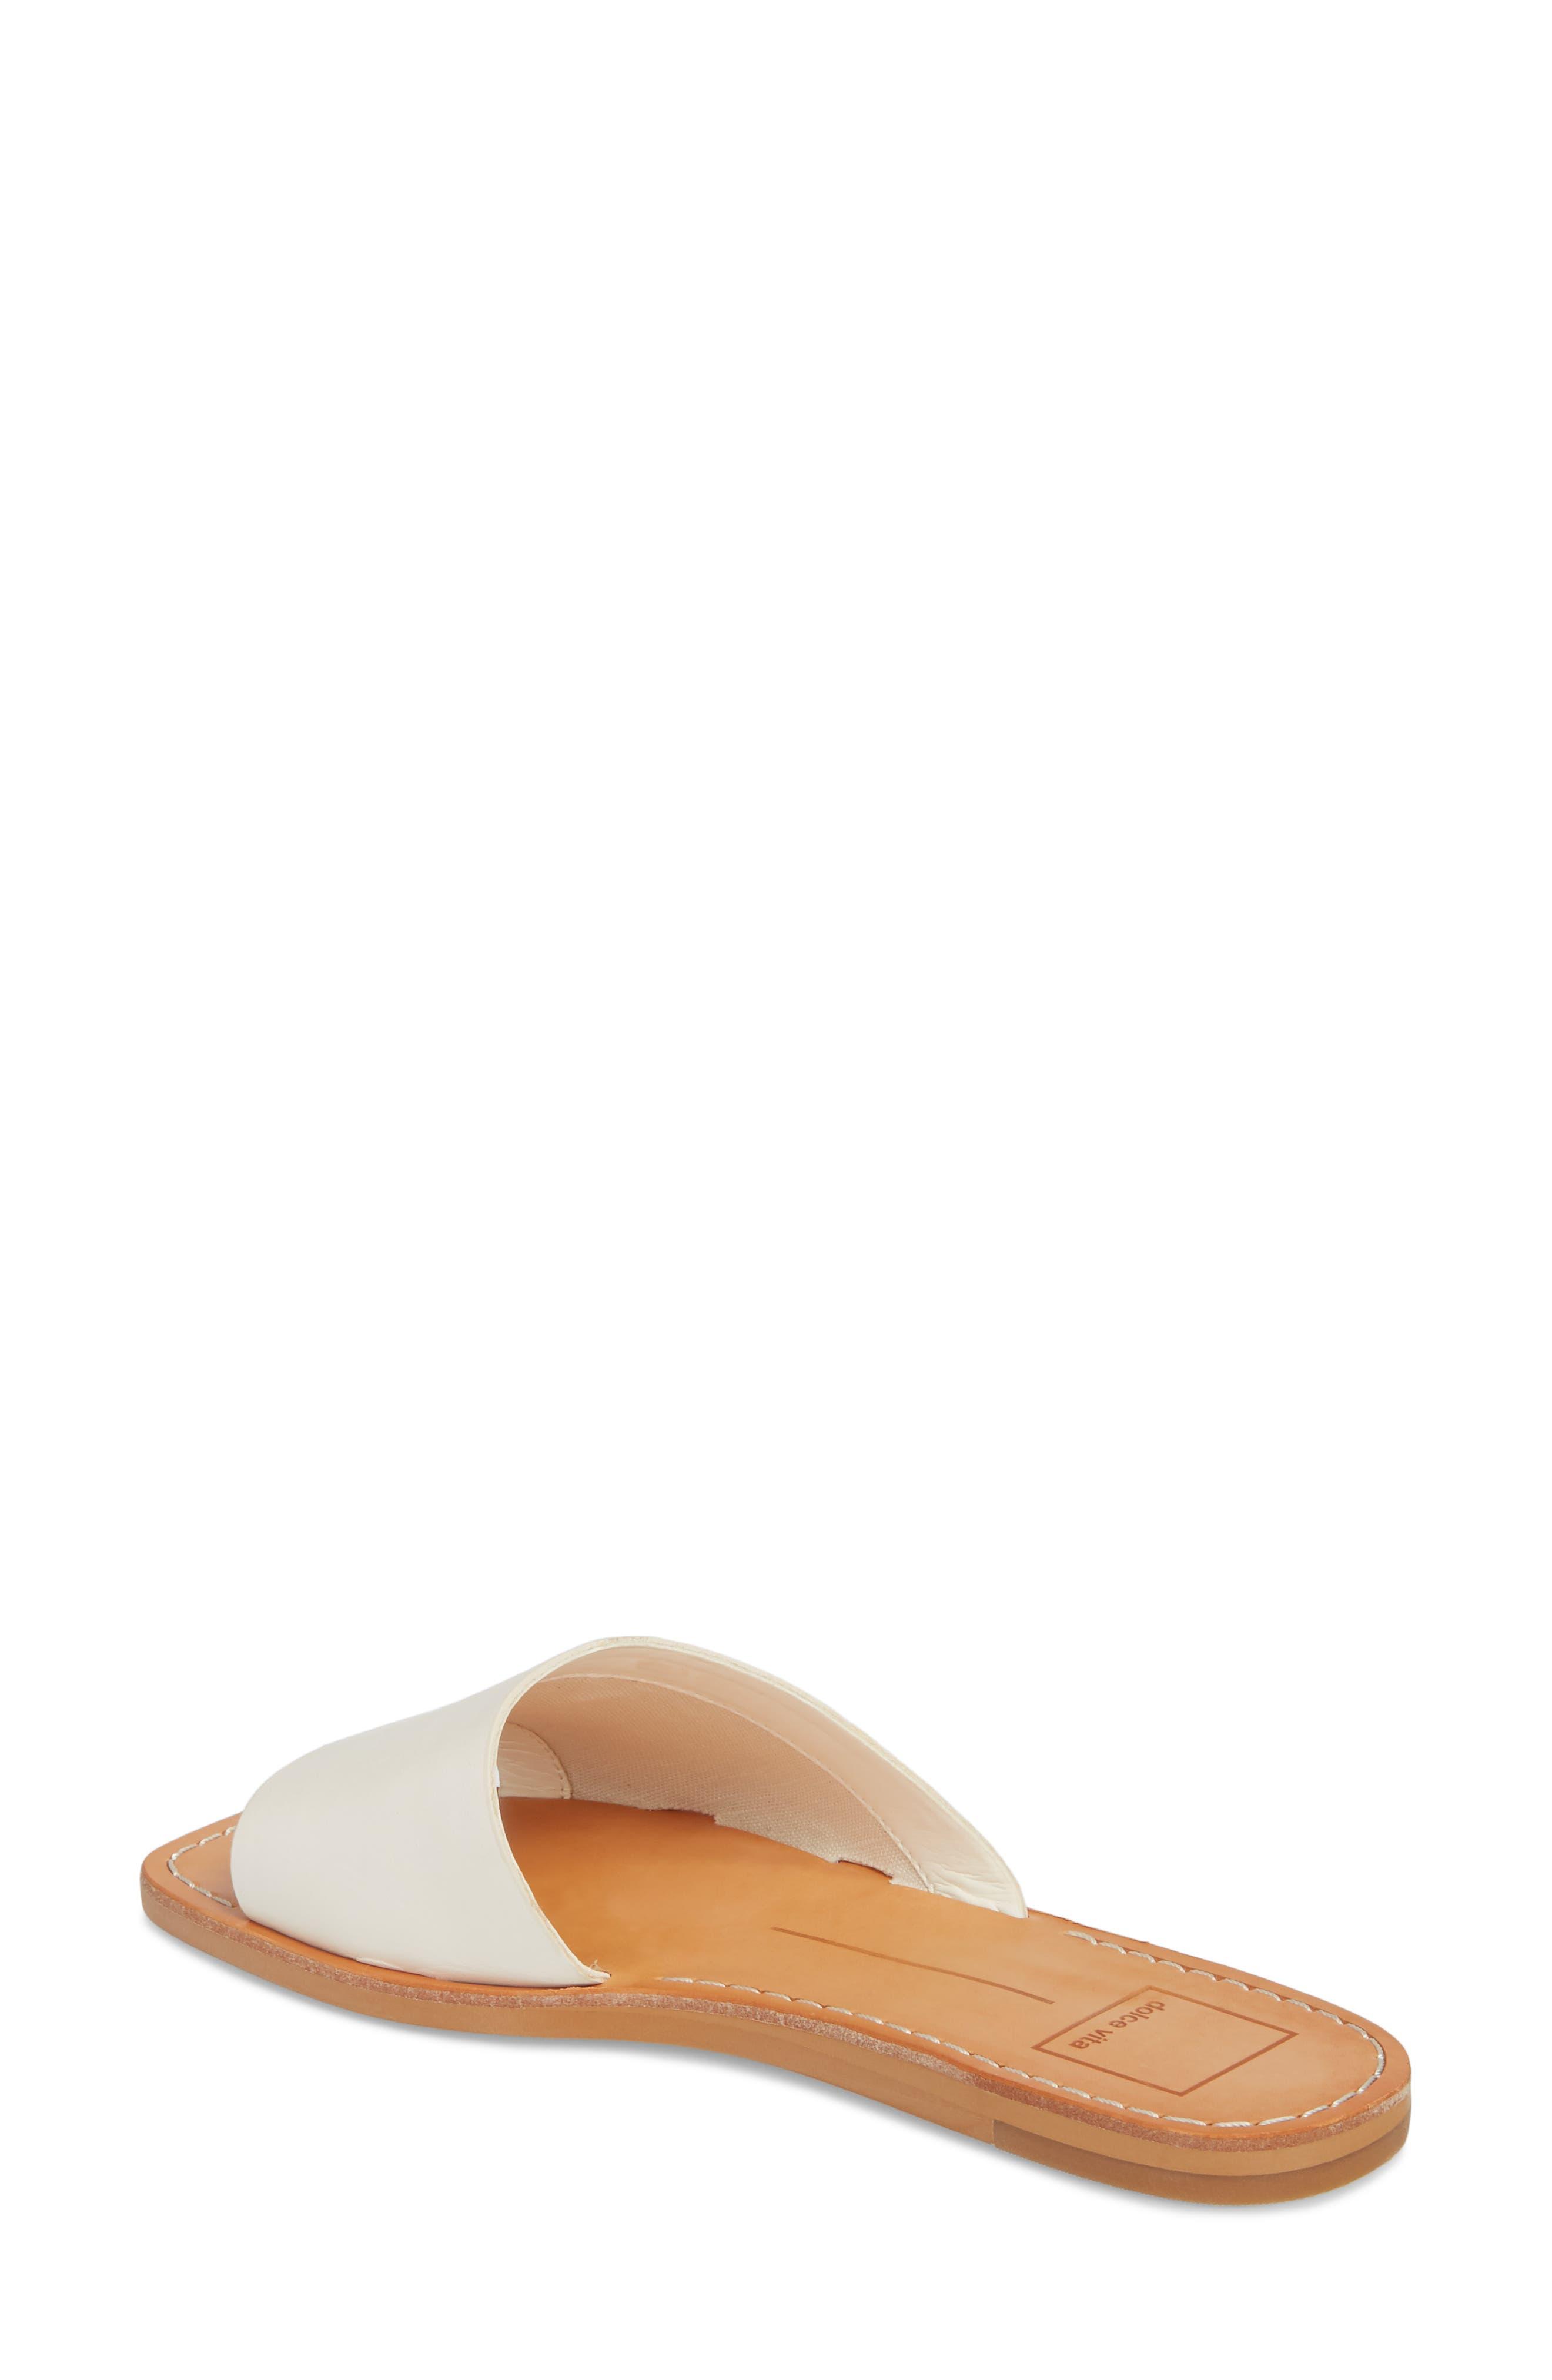 Cato Asymmetrical Slide Sandal,                             Alternate thumbnail 14, color,